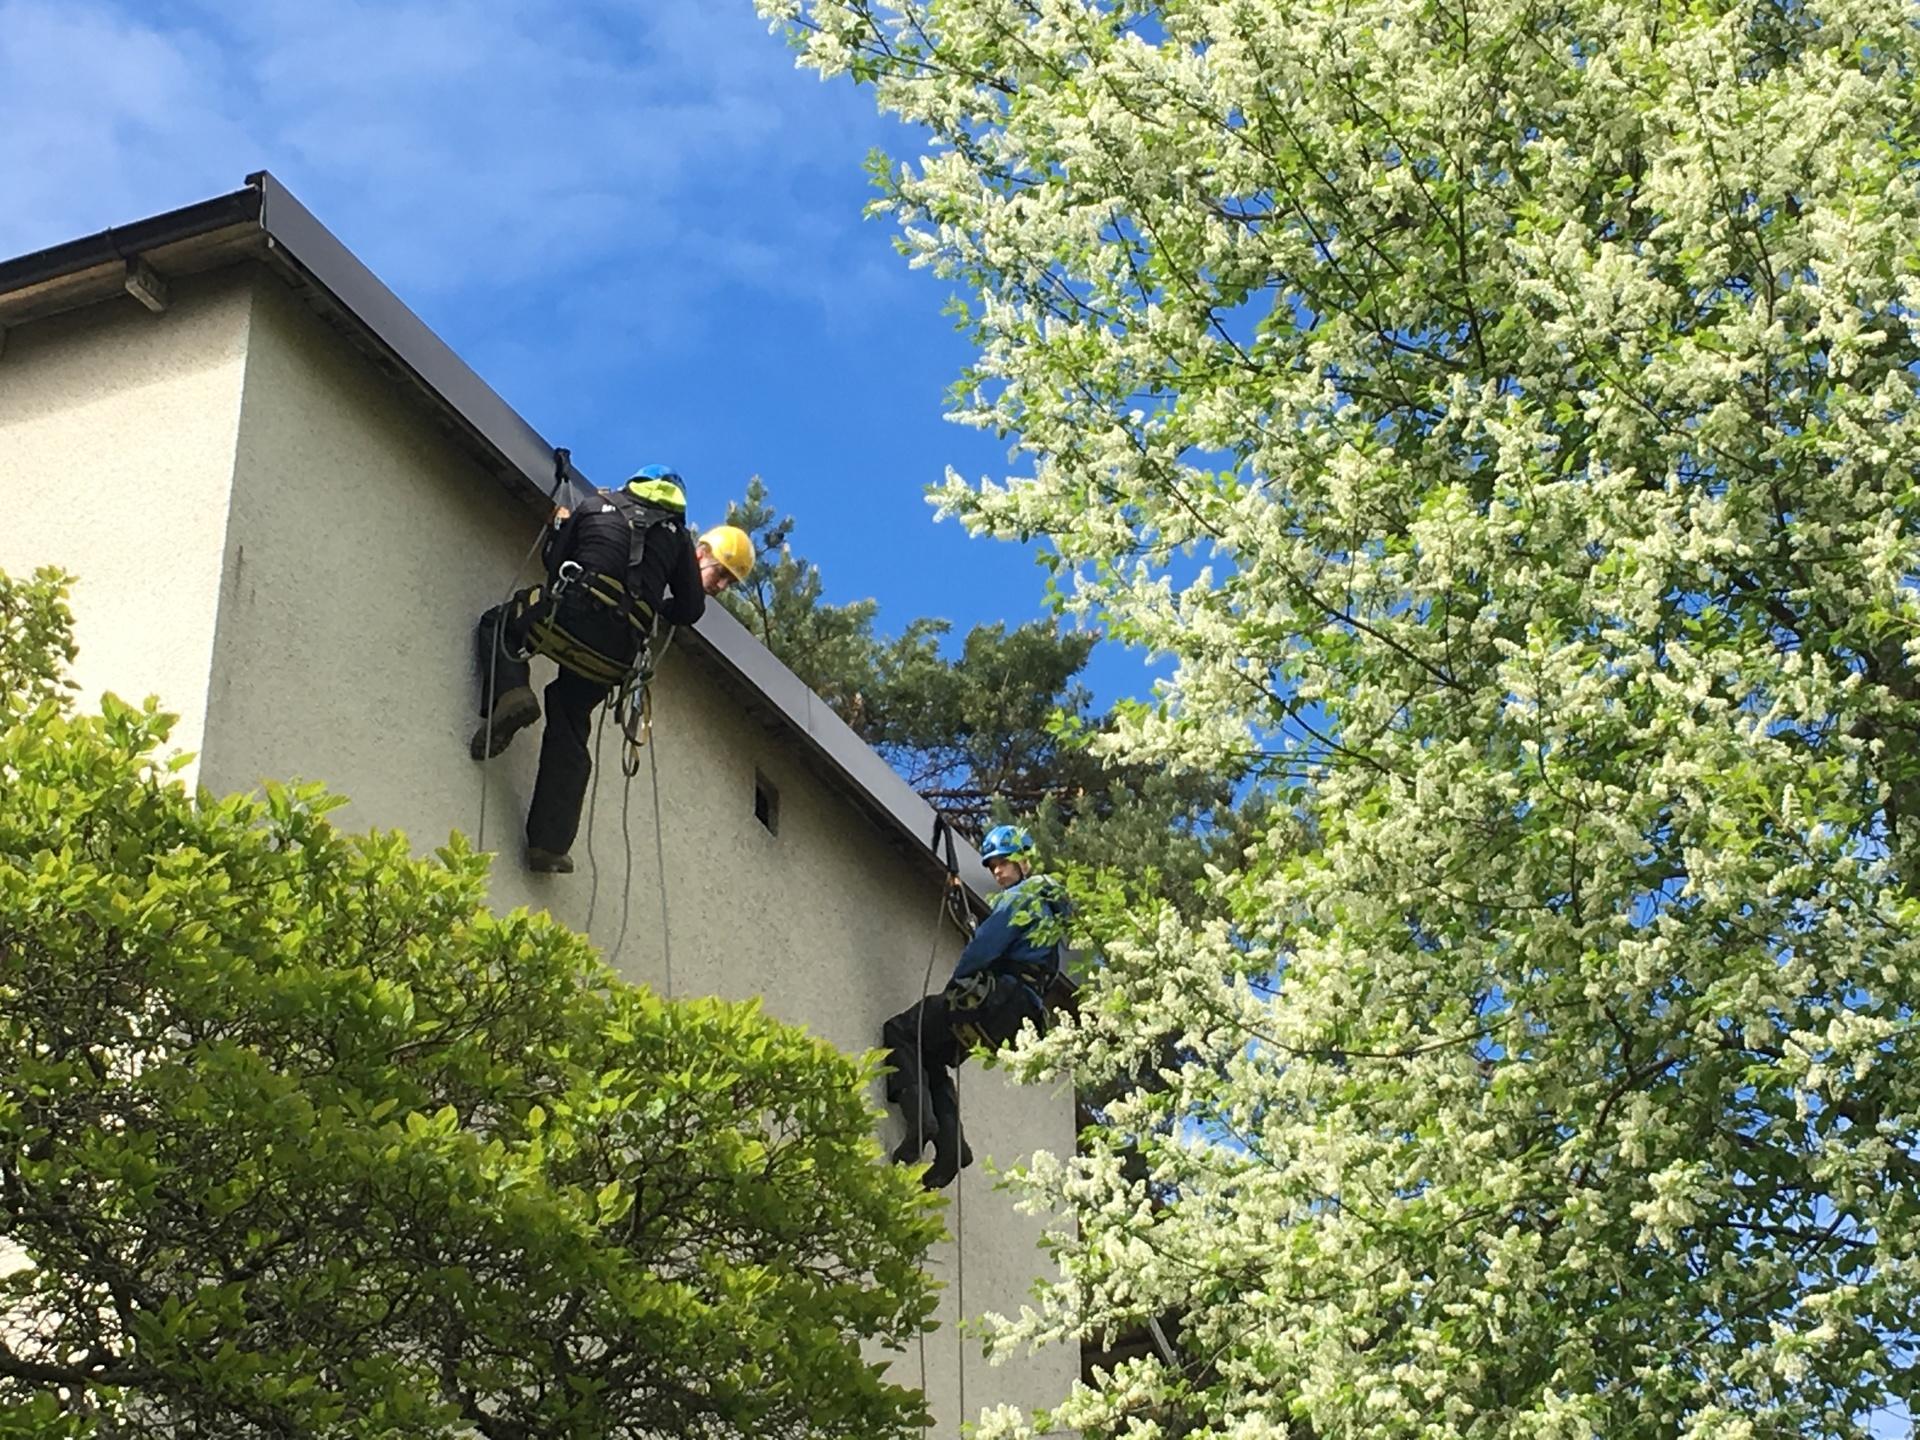 person klättrar på fasad med gröna träd i förgrunden